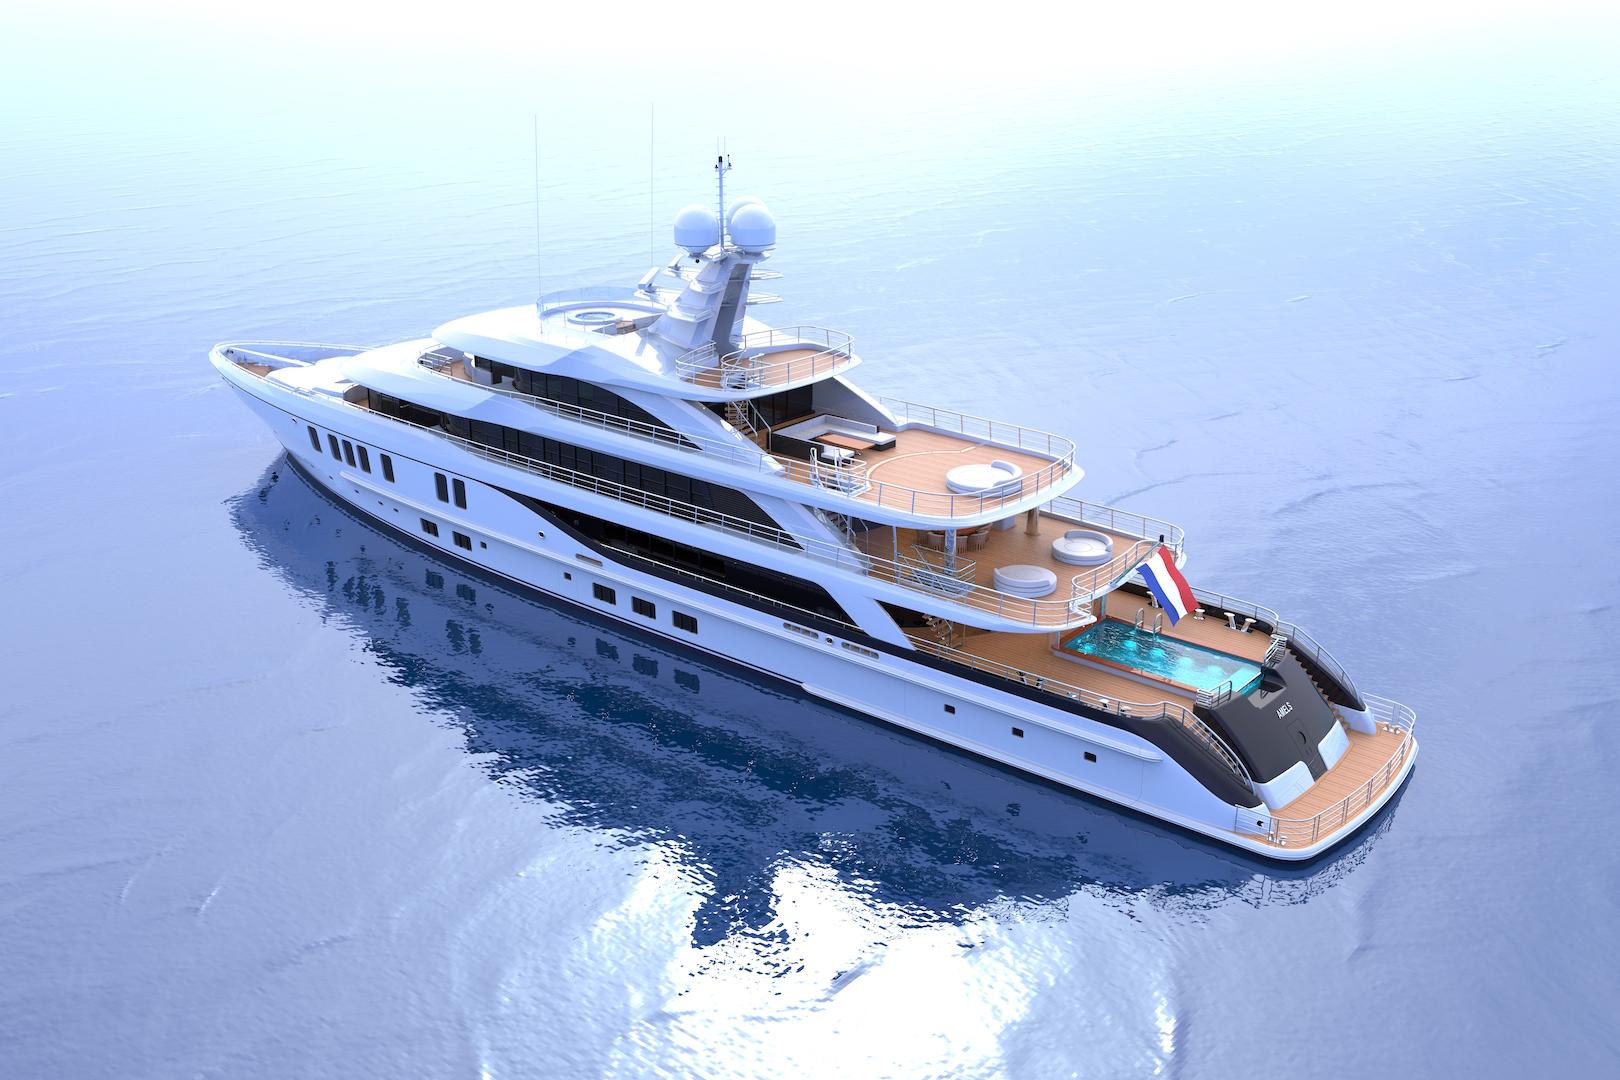 amels nick mezas design nick mezas designs a 74m superyacht in